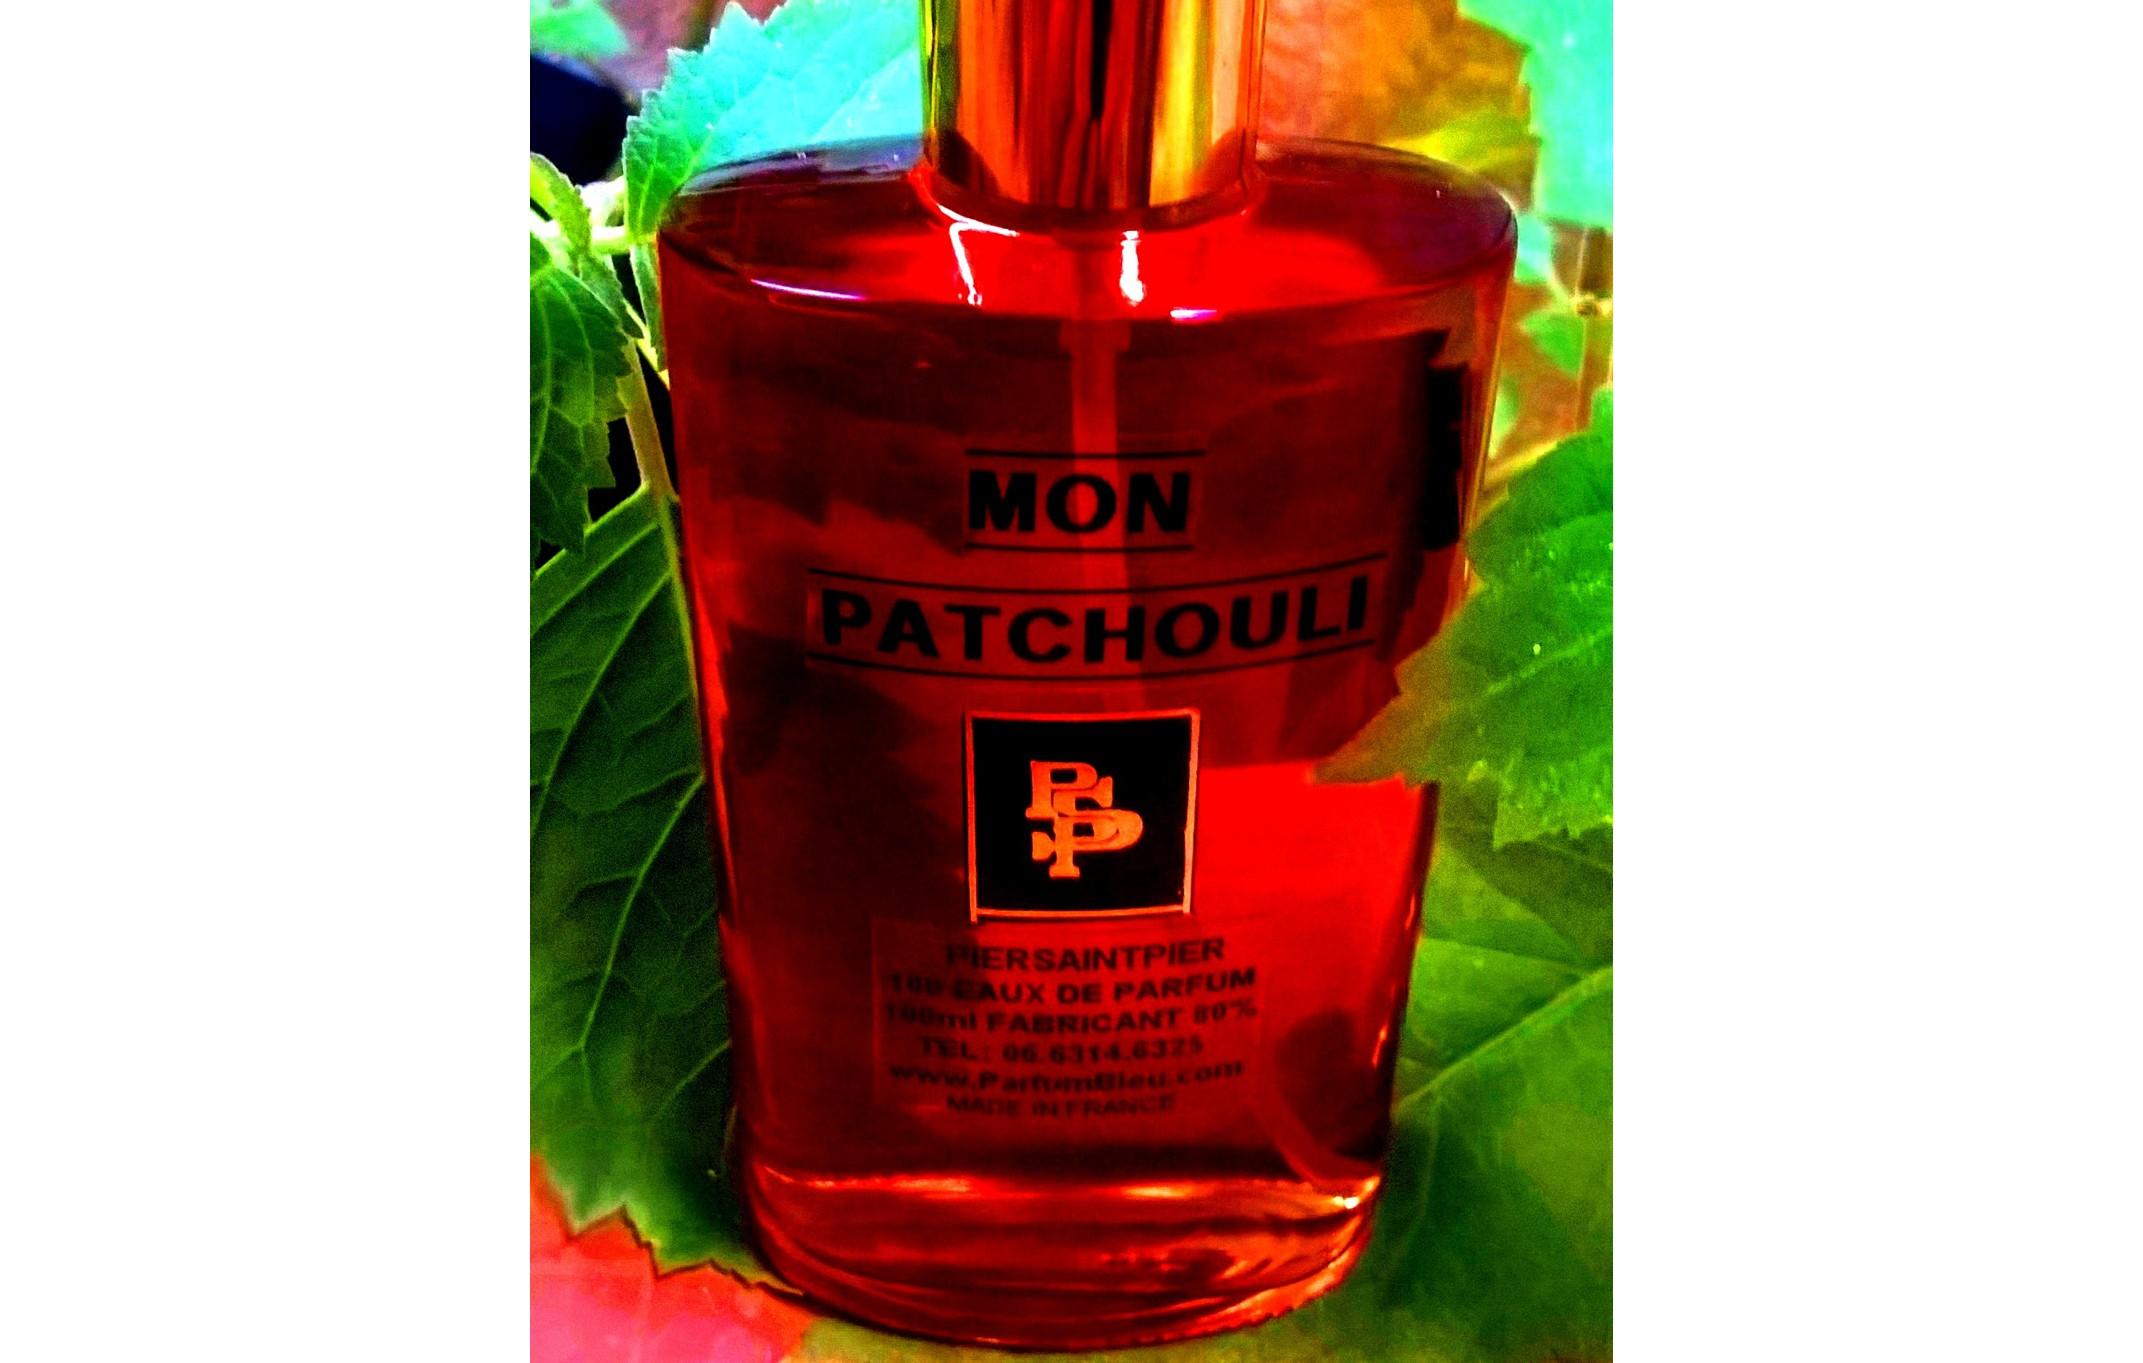 MON PATCHOULI (Flacon Simple / Sans Boite)